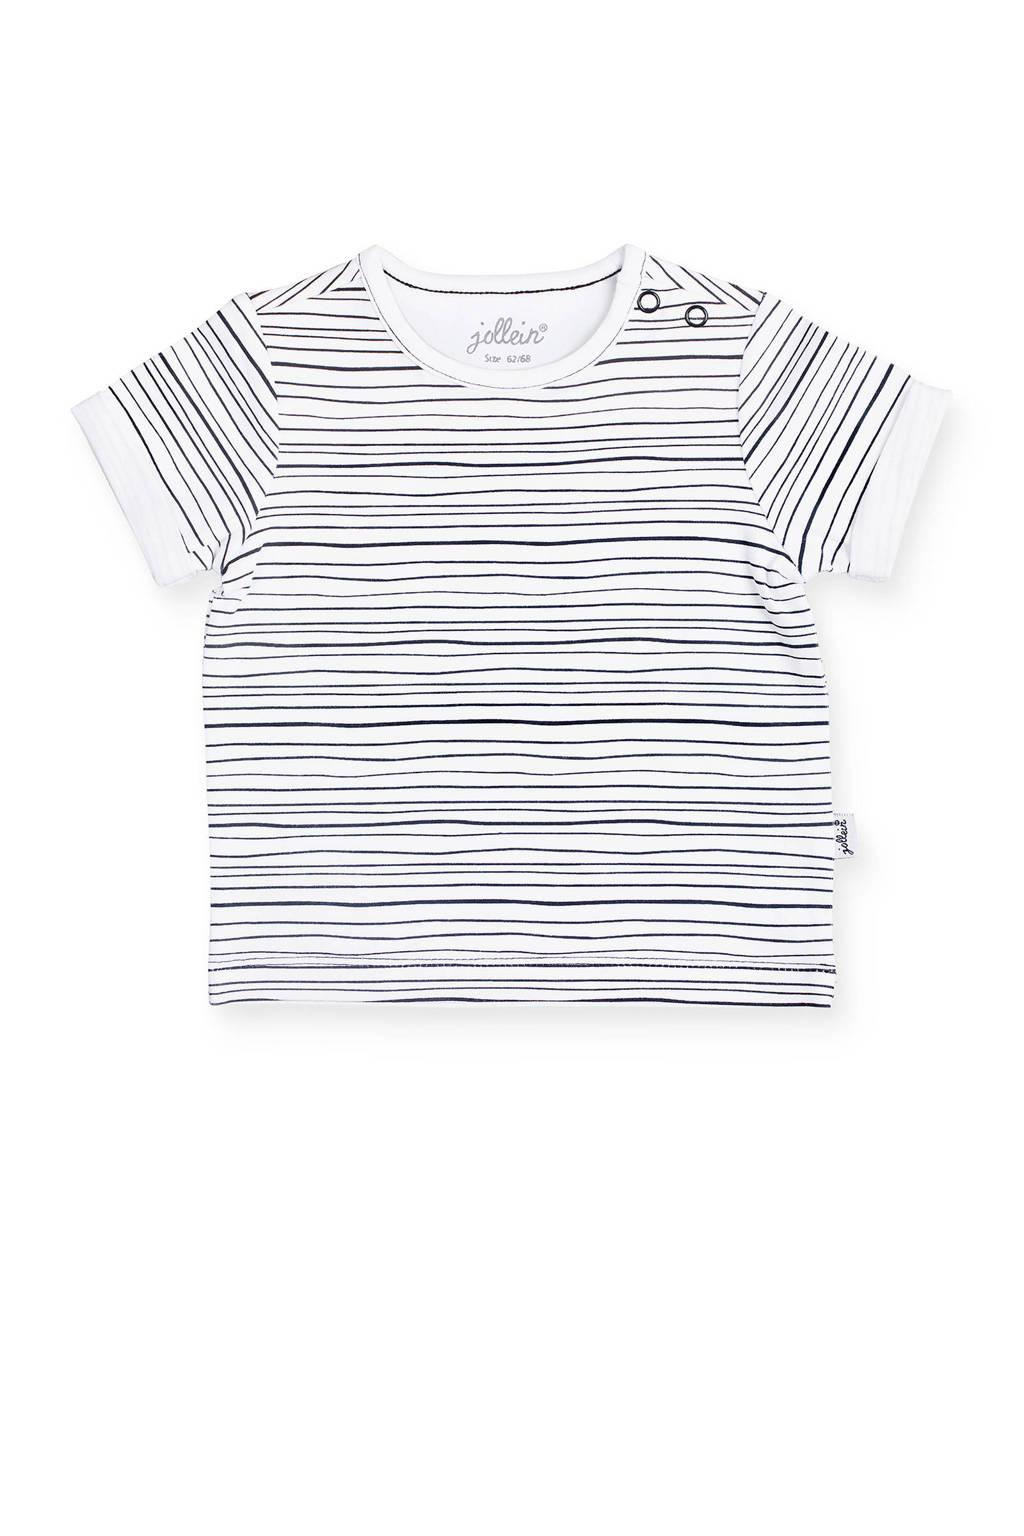 Jollein gestreept baby T-shirt zwart/wit, Zwart/wit